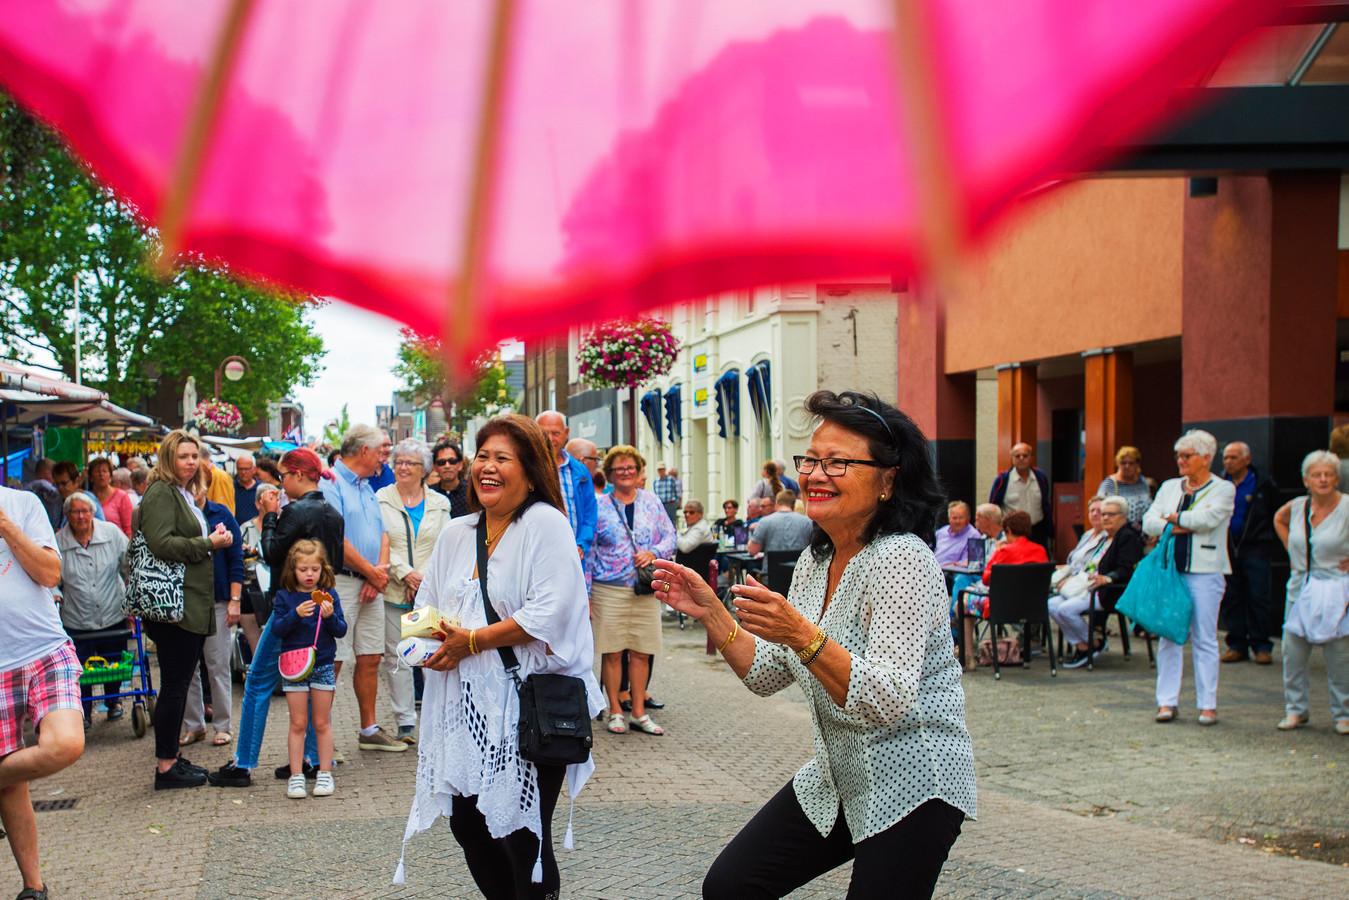 Het jaarlijkse zomerfestijn in Kaatsheuvel is verplaatst naar juli volgend jaar.